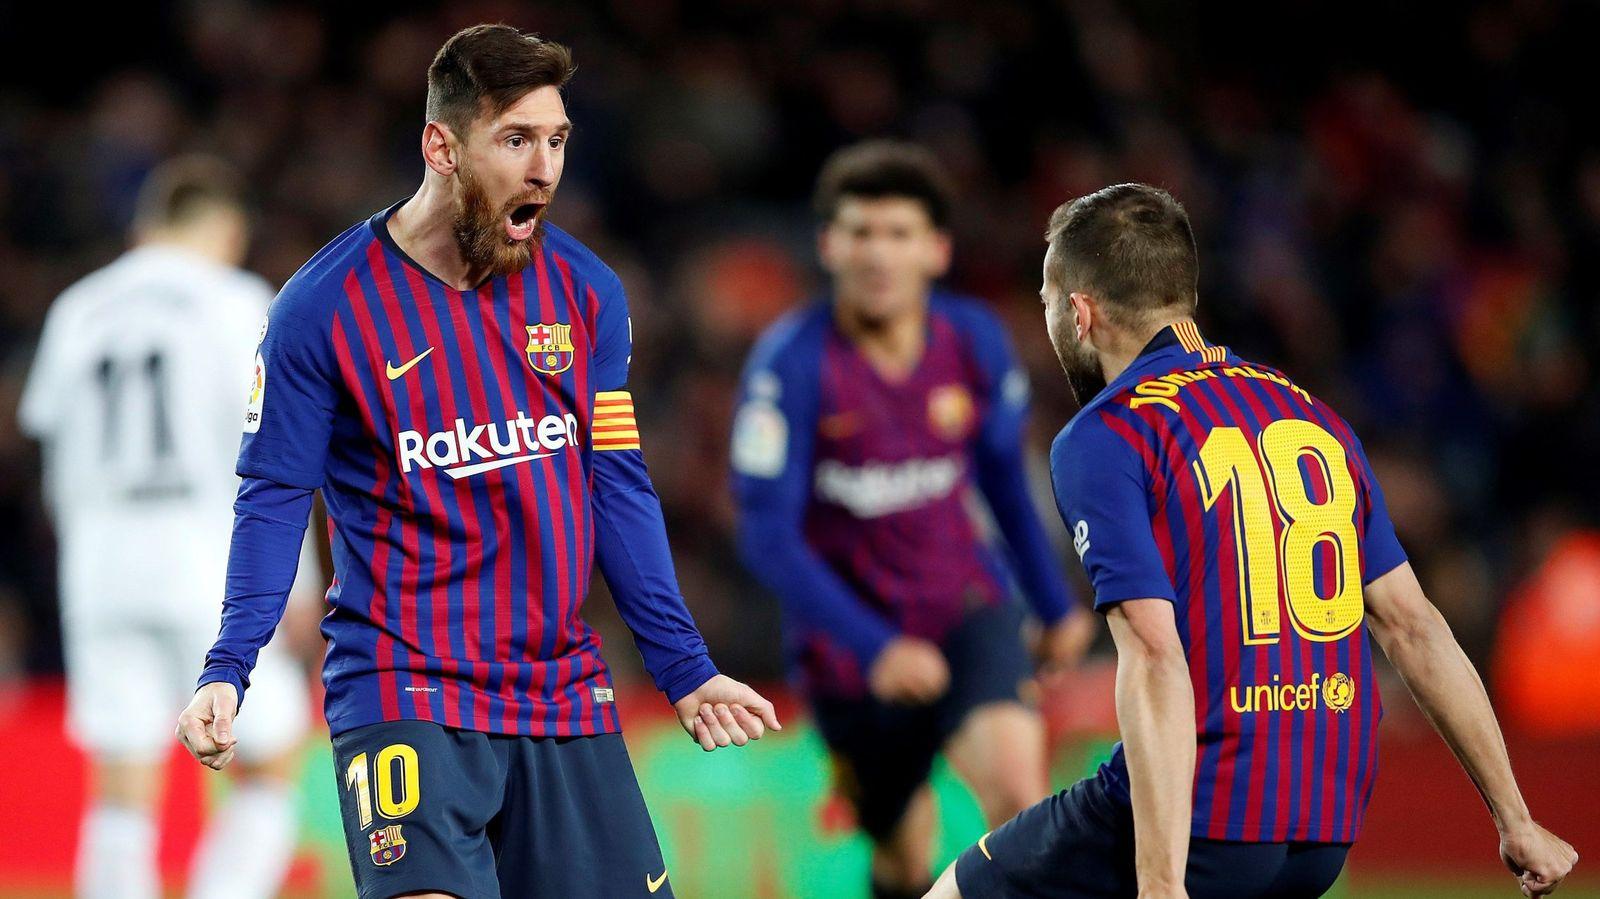 La derrota del Atlético acerca al Madrid a la segunda plaza y deja el empate del Barça en casa en una anecdota.